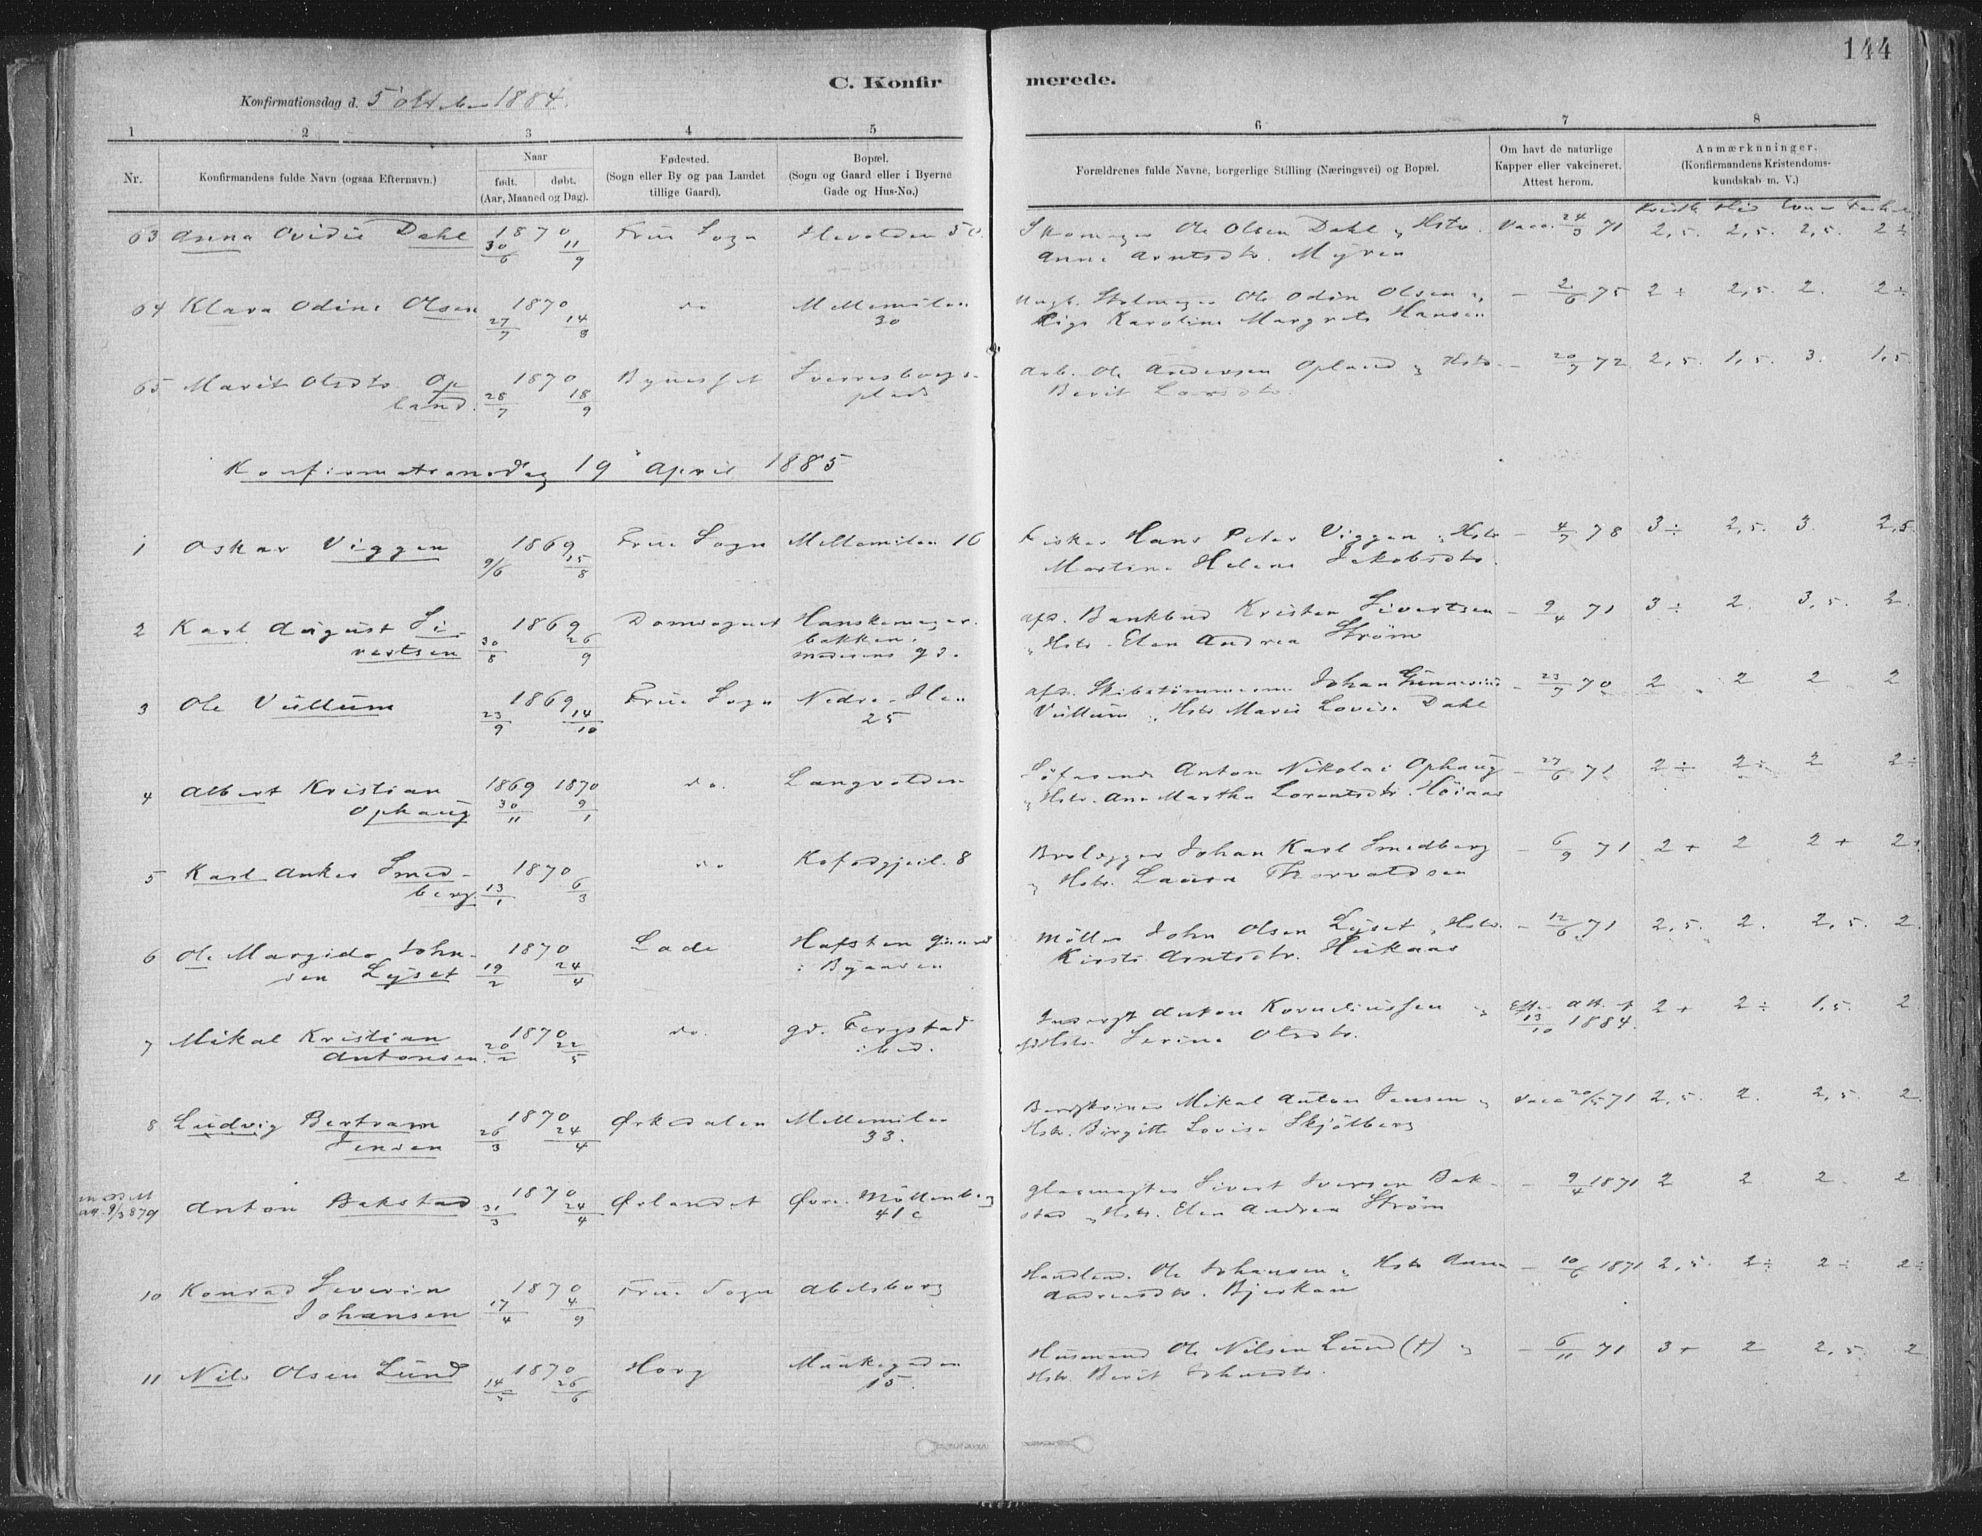 SAT, Ministerialprotokoller, klokkerbøker og fødselsregistre - Sør-Trøndelag, 603/L0162: Ministerialbok nr. 603A01, 1879-1895, s. 144